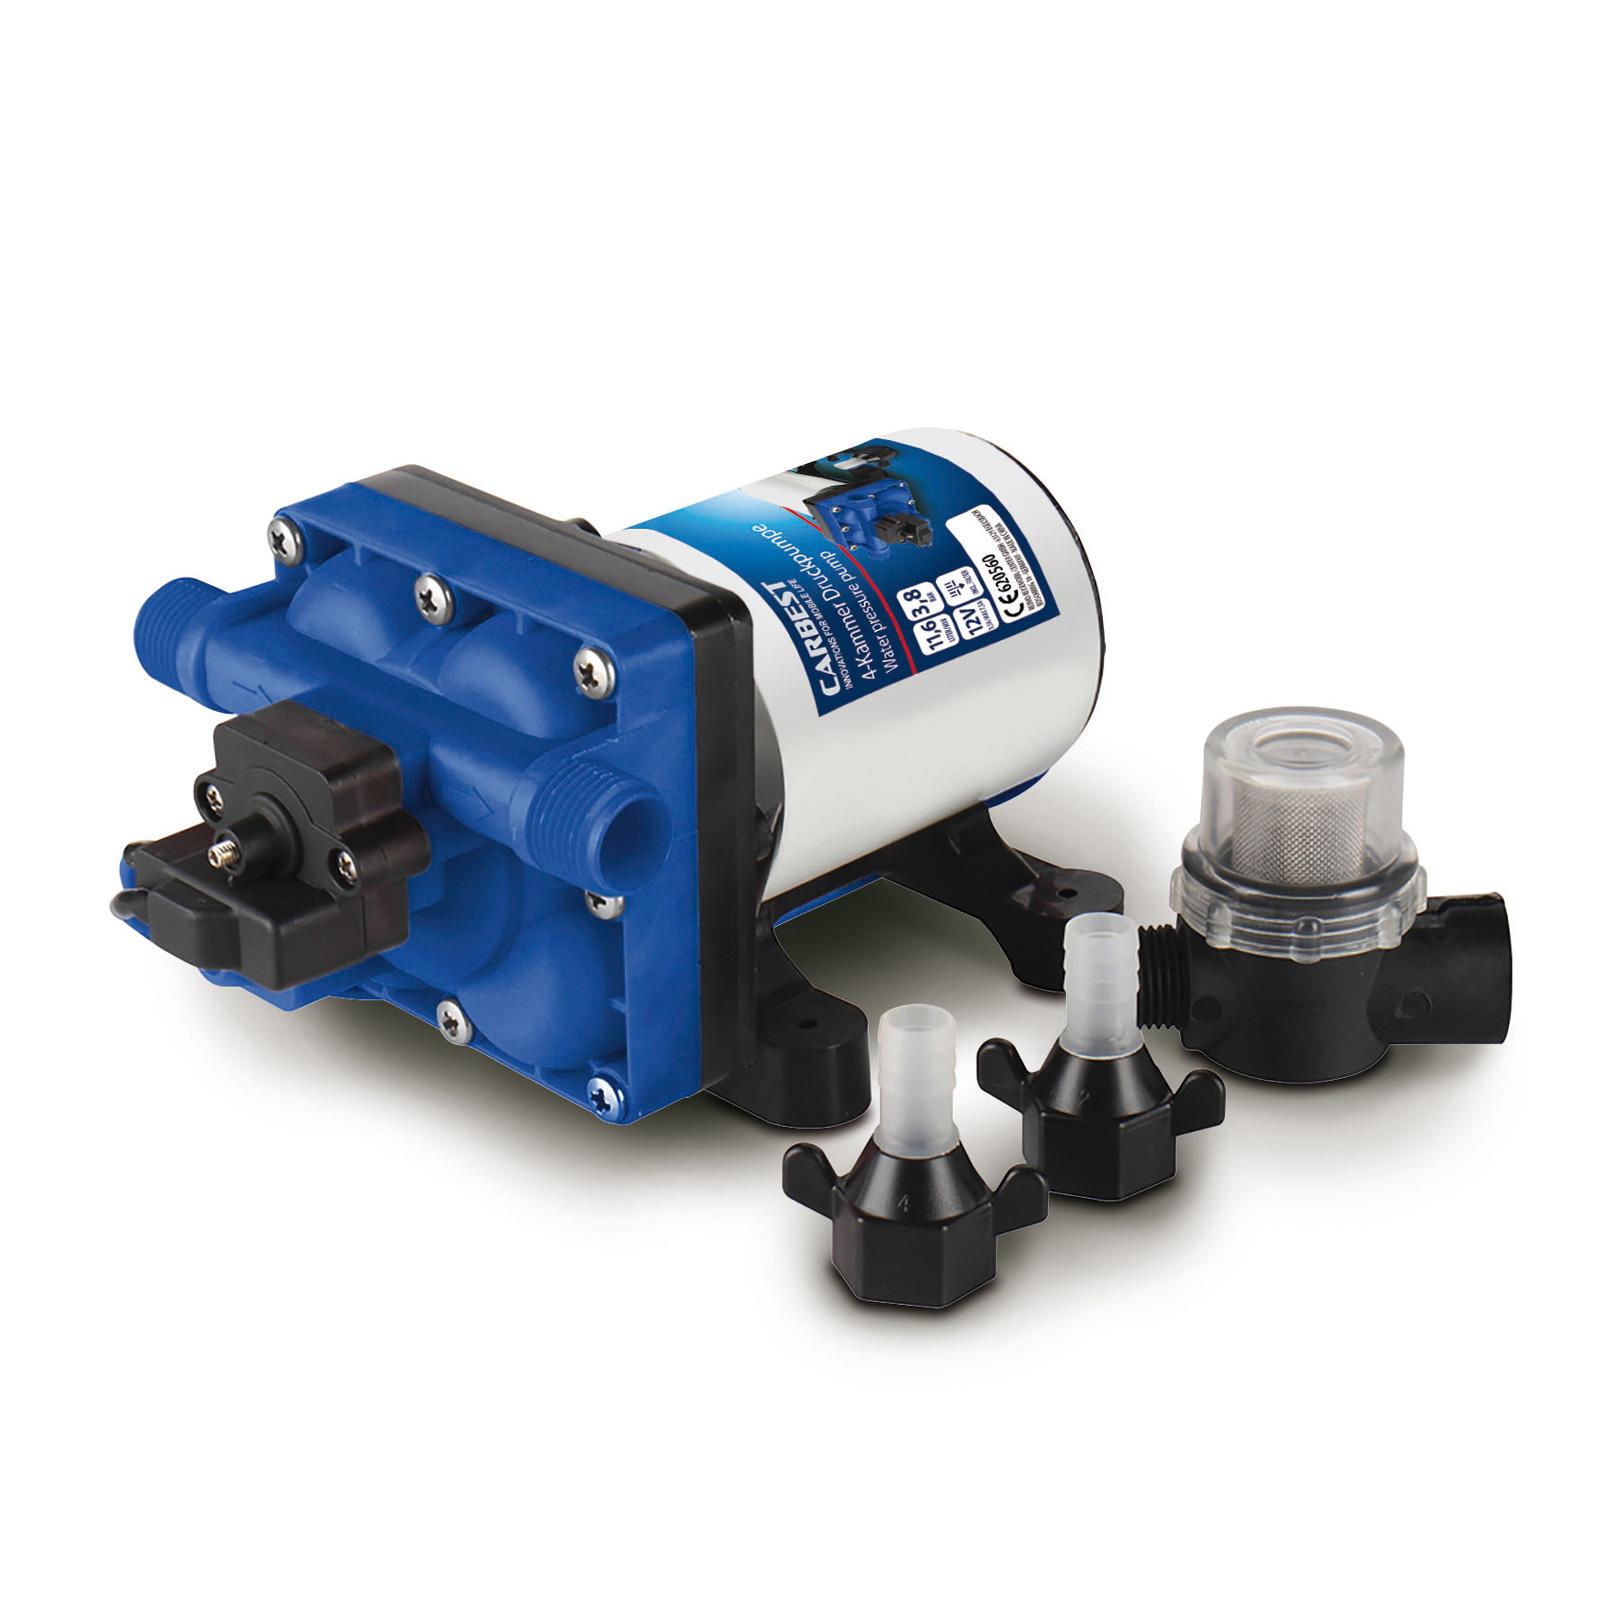 4-Kammer-Druckwasserpumpe 12 V - 3,5 A (max. 7,5 A), 55PSI 3.8 bar